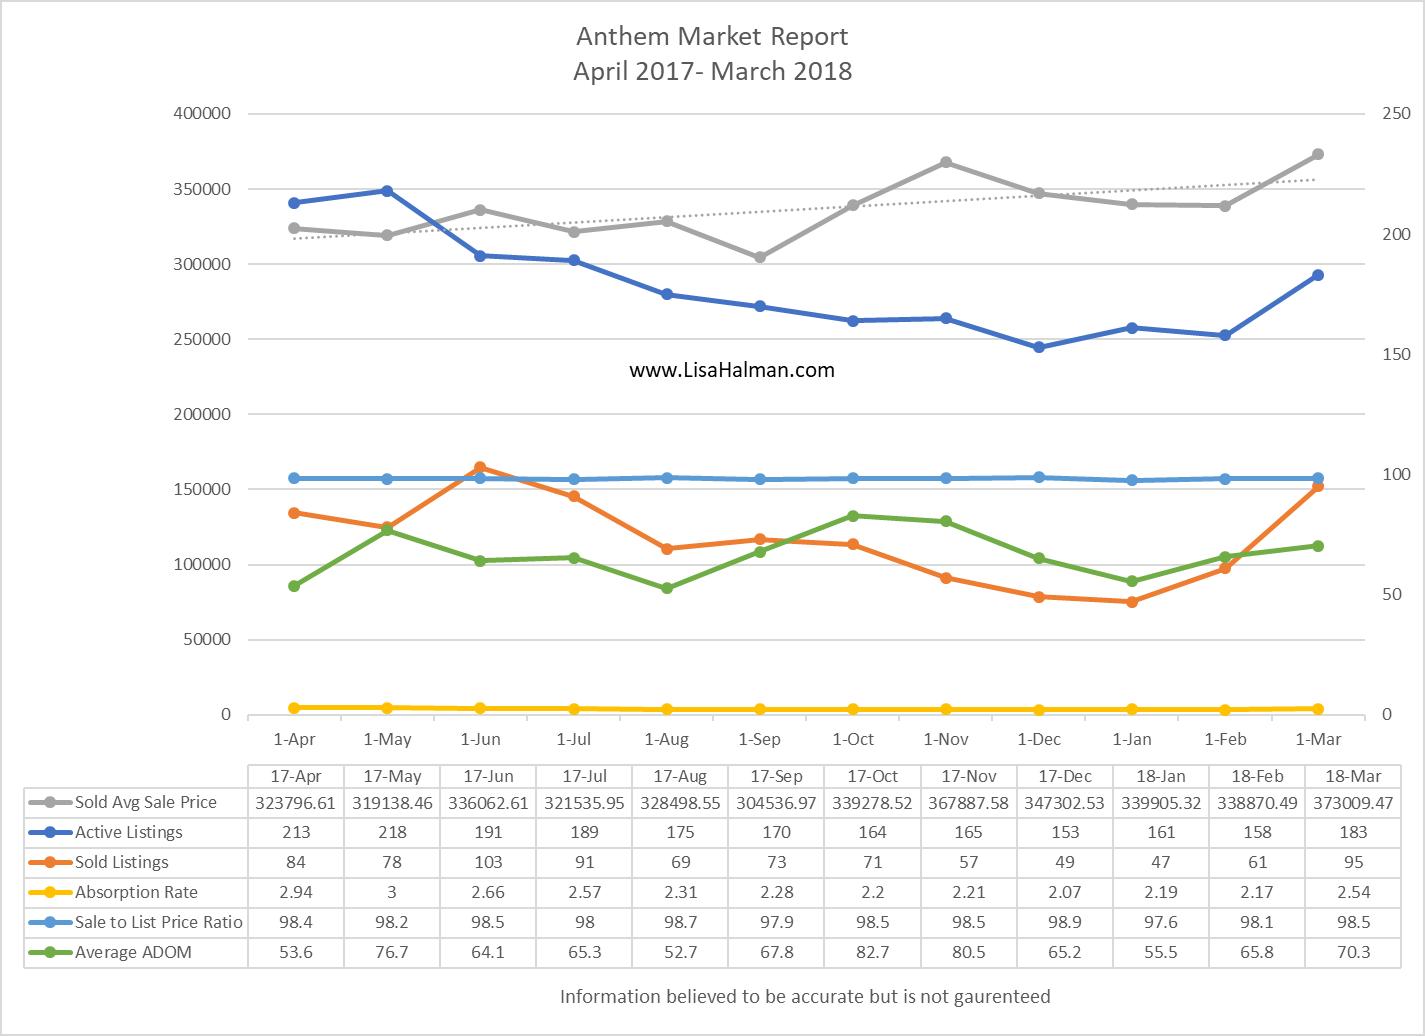 Anthem Market Update March 2018